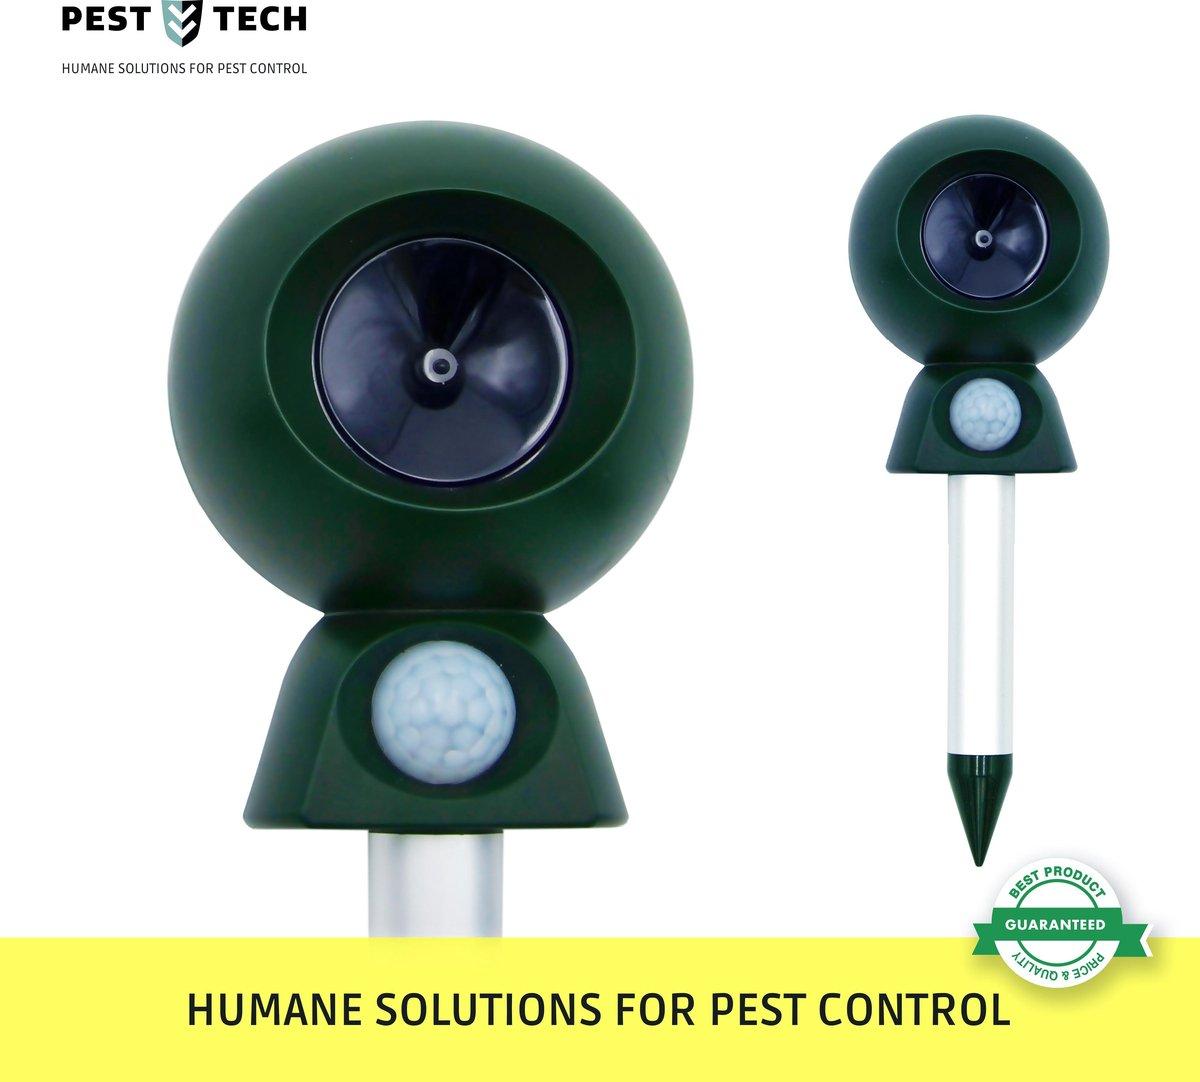 Pest Tech ® - Ultrasone Kattenverjager. Verdrijft katten, honden, ratten, muizen, vossen, vleermuizen, steenmarters, etc. - Pest Tech